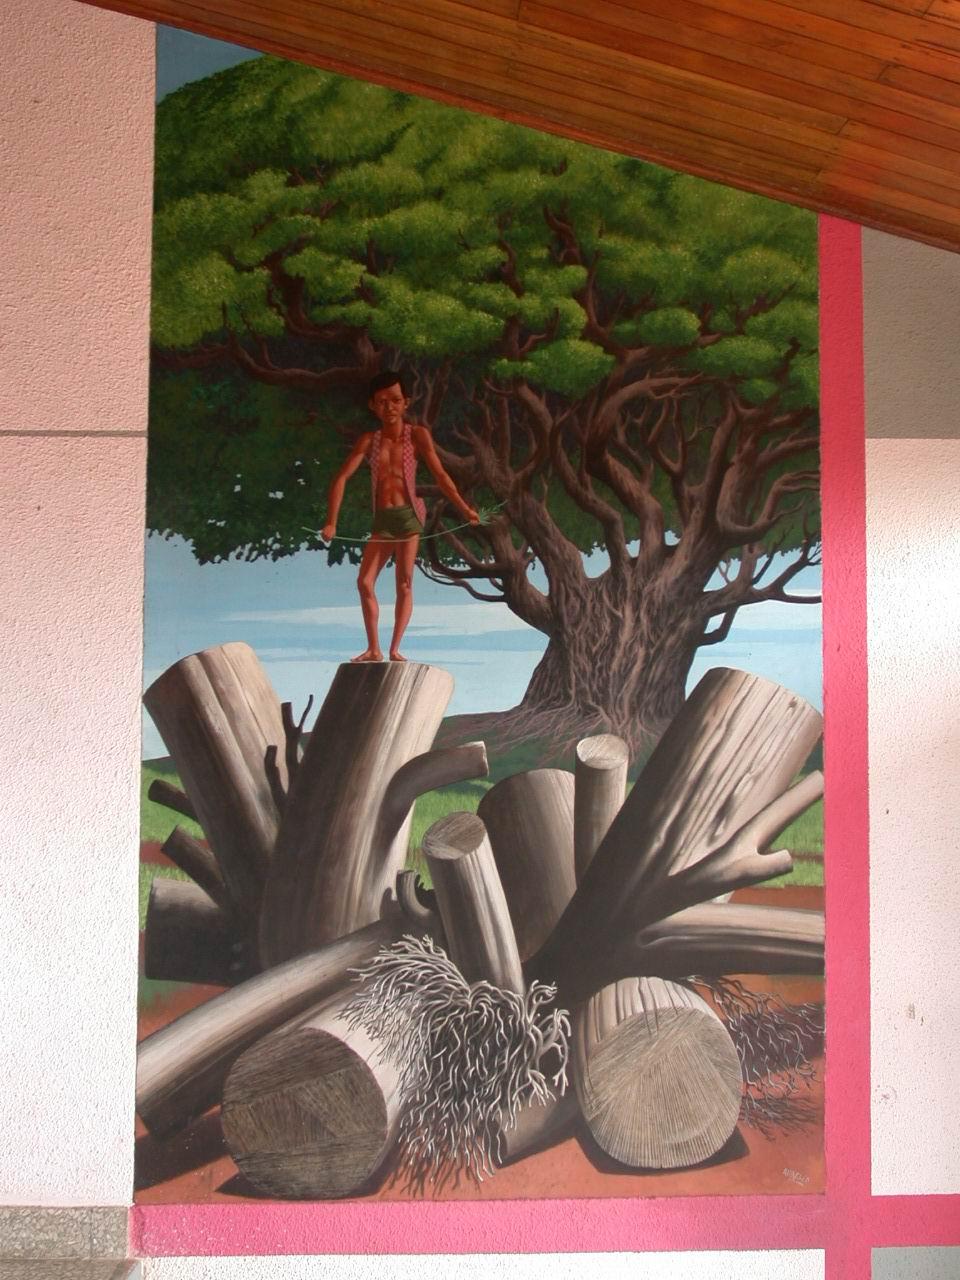 Detalle de una pintura mural del Maestro AURELIO C. en el CEMOAR, Managua, Nicaragua